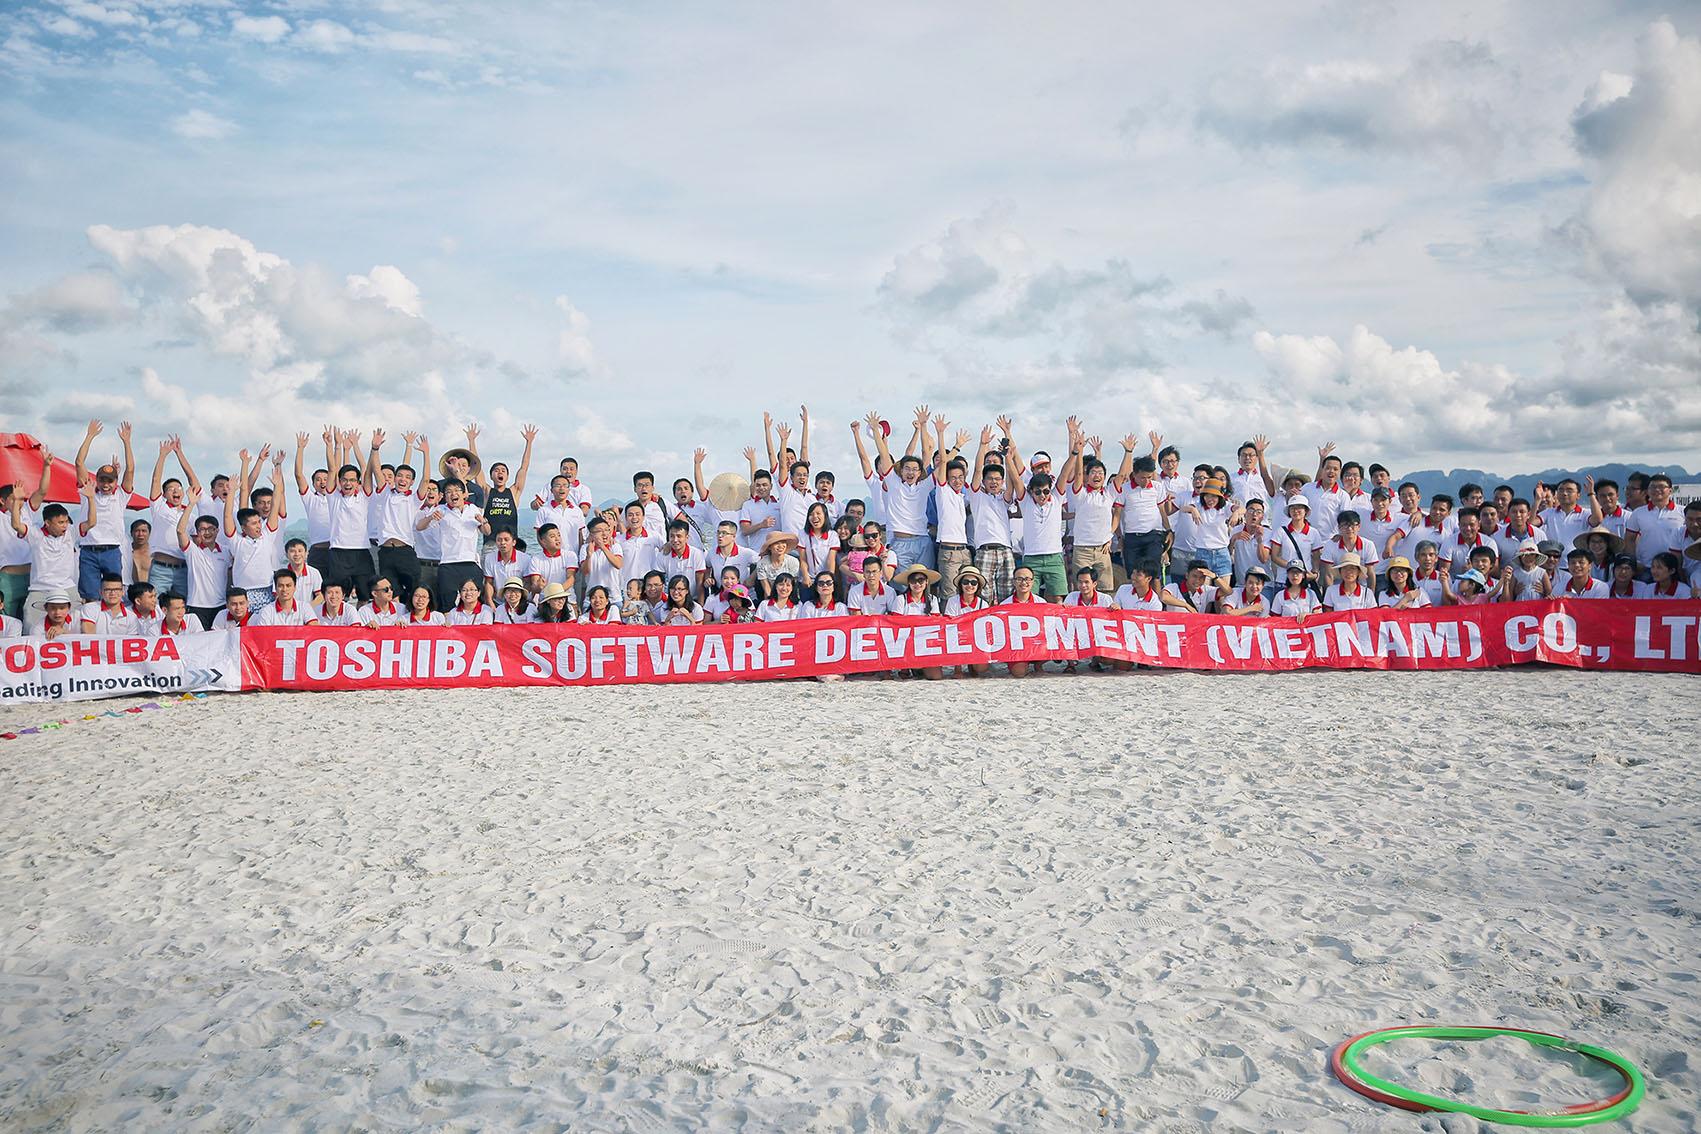 Việc làm đang tuyển dụng tại Toshiba Software Development (Vietnam) Co., Ltd